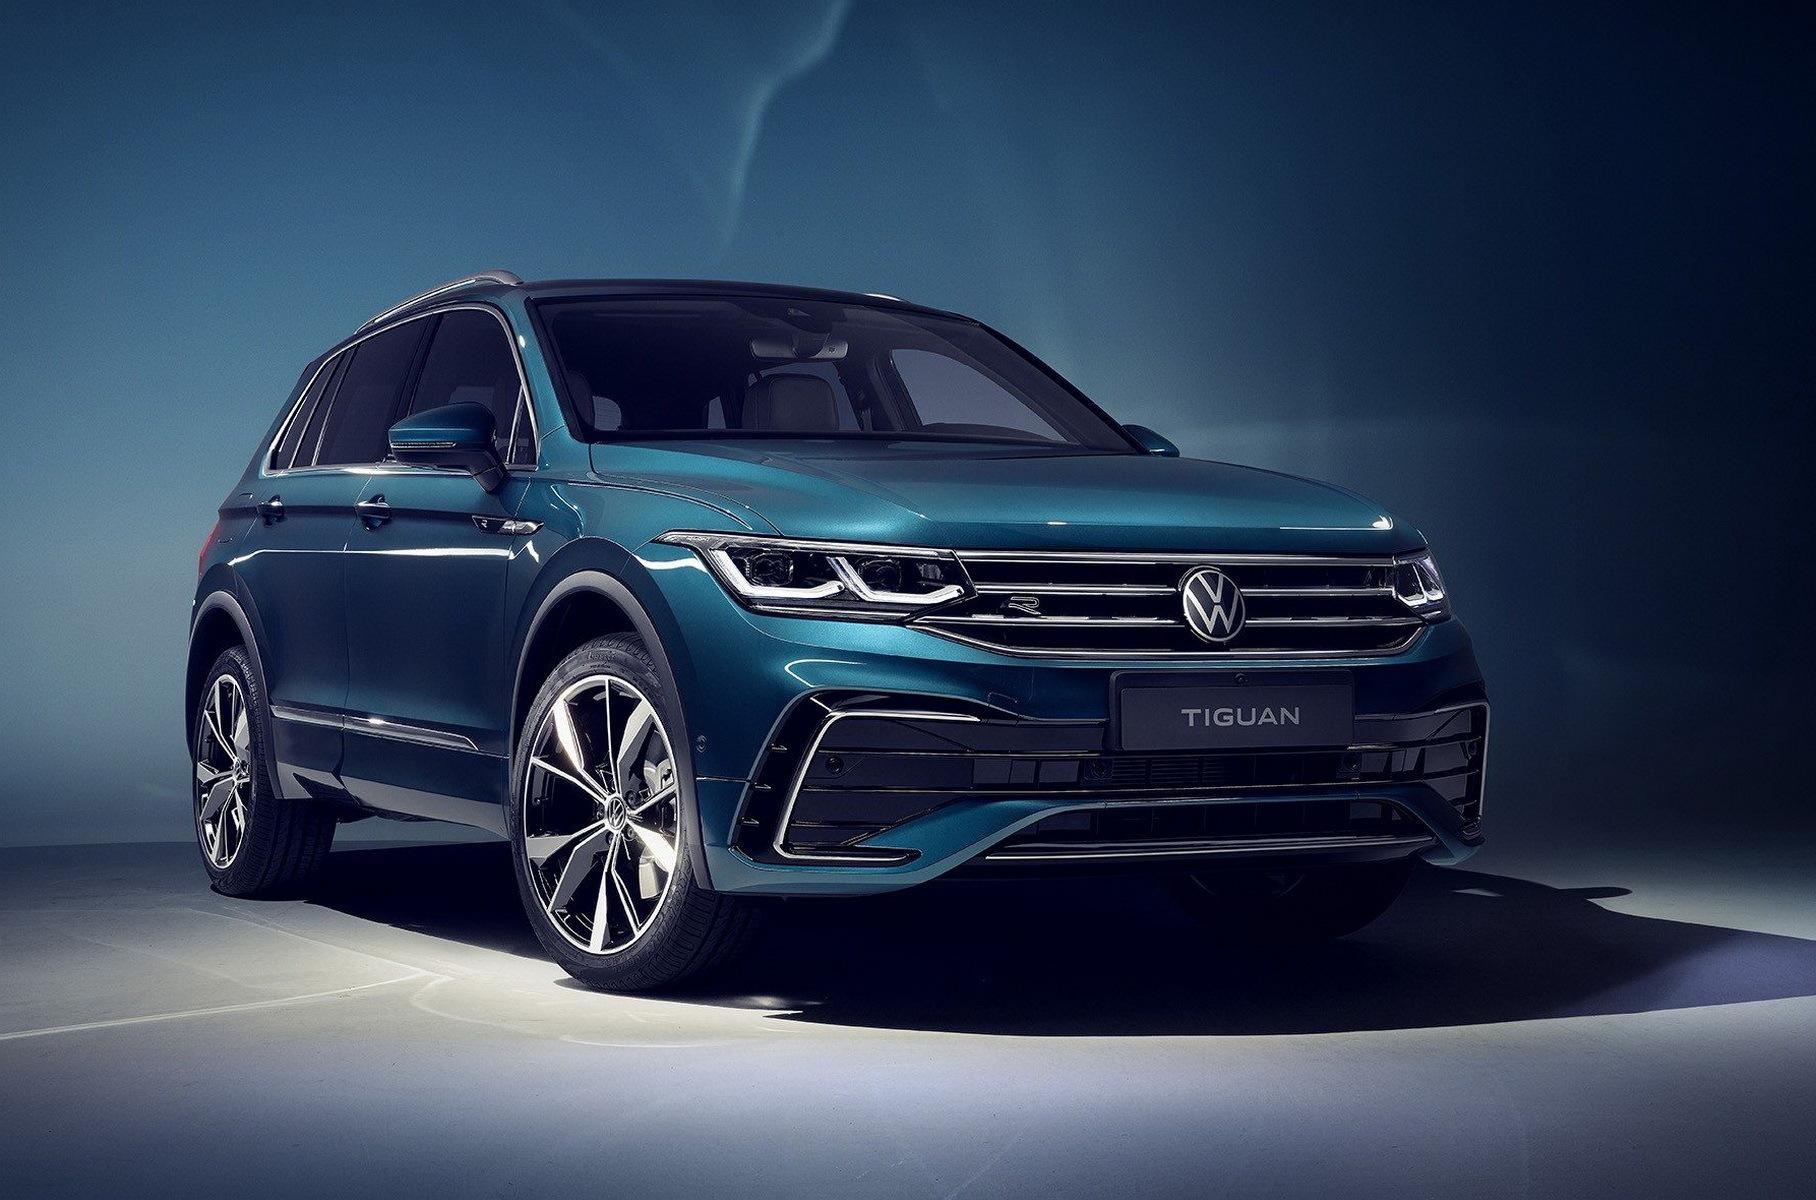 Обновлённый Volkswagen Tiguan, рестайлинг Audi Q5 и самый мощный в мире кроссовер: главное за неделю